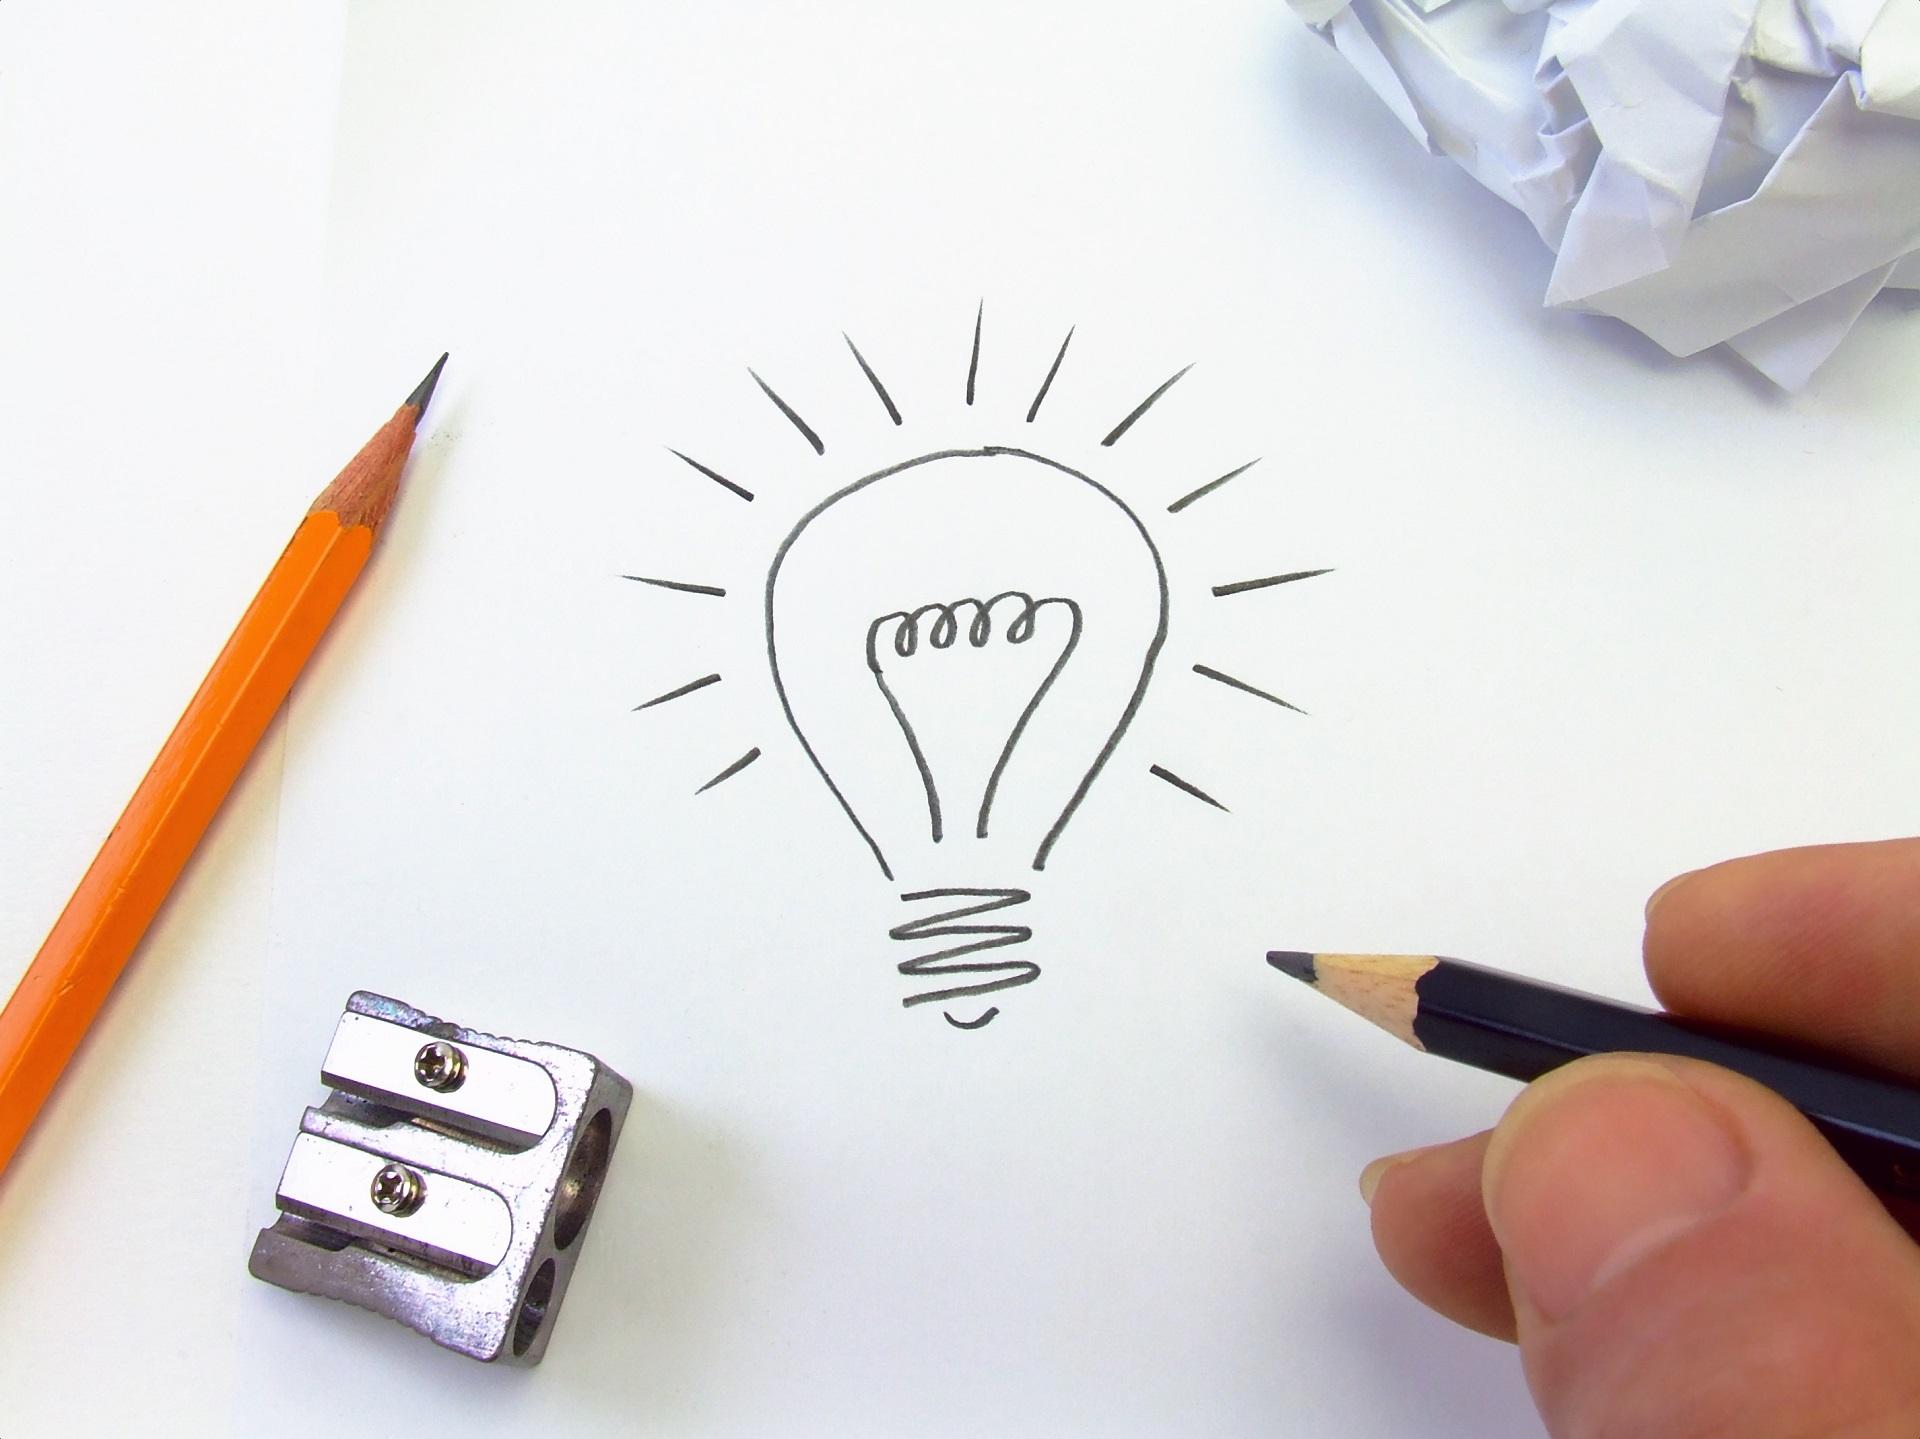 Các ý tưởng kinh doanh nhỏ hiệu quả